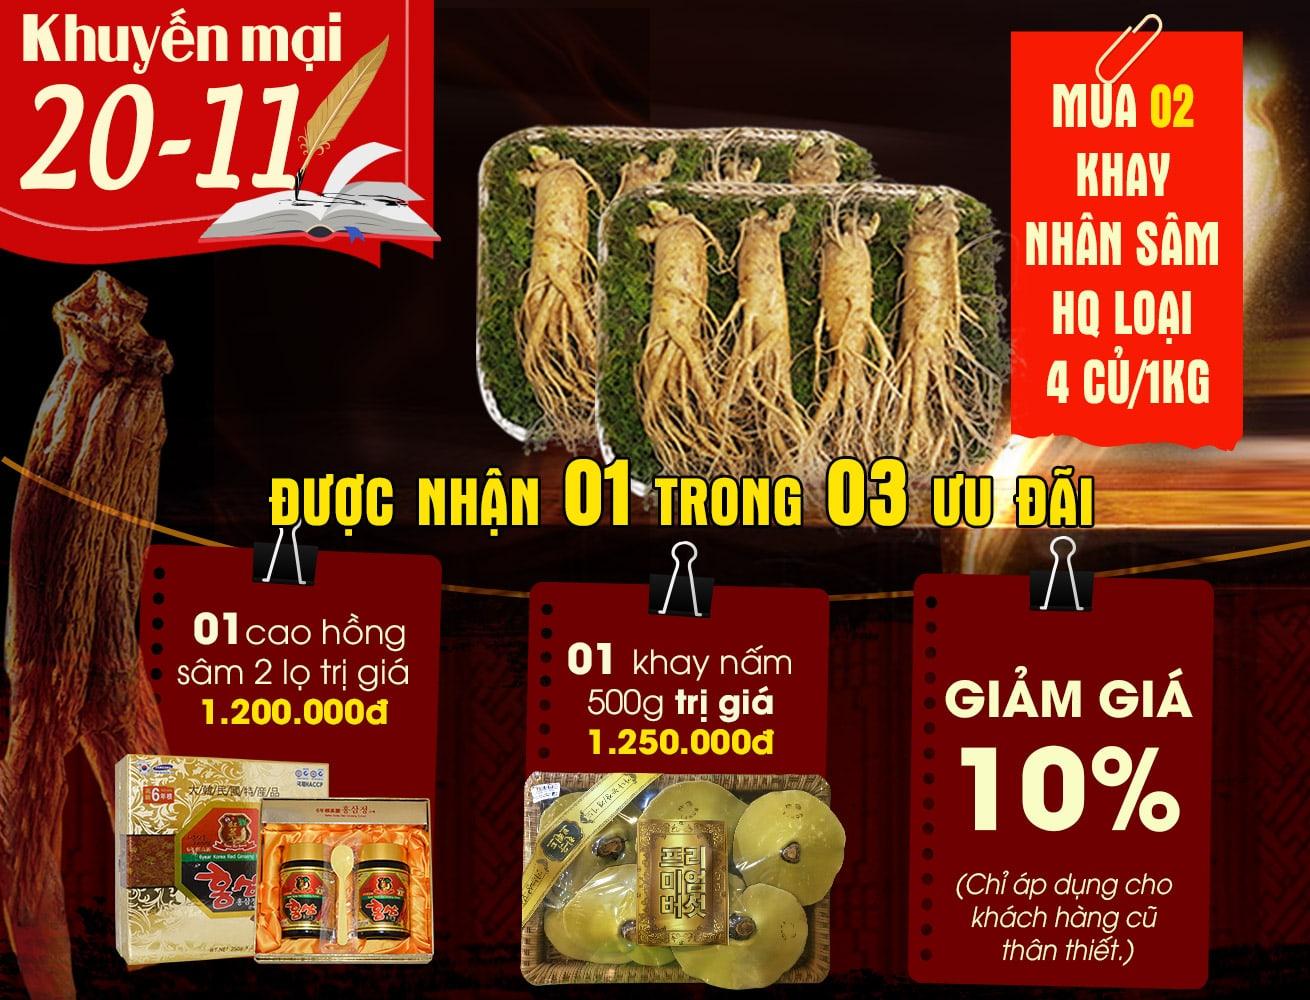 Nhân sâm Hàn Quốc loại 4 củ/kg NS002